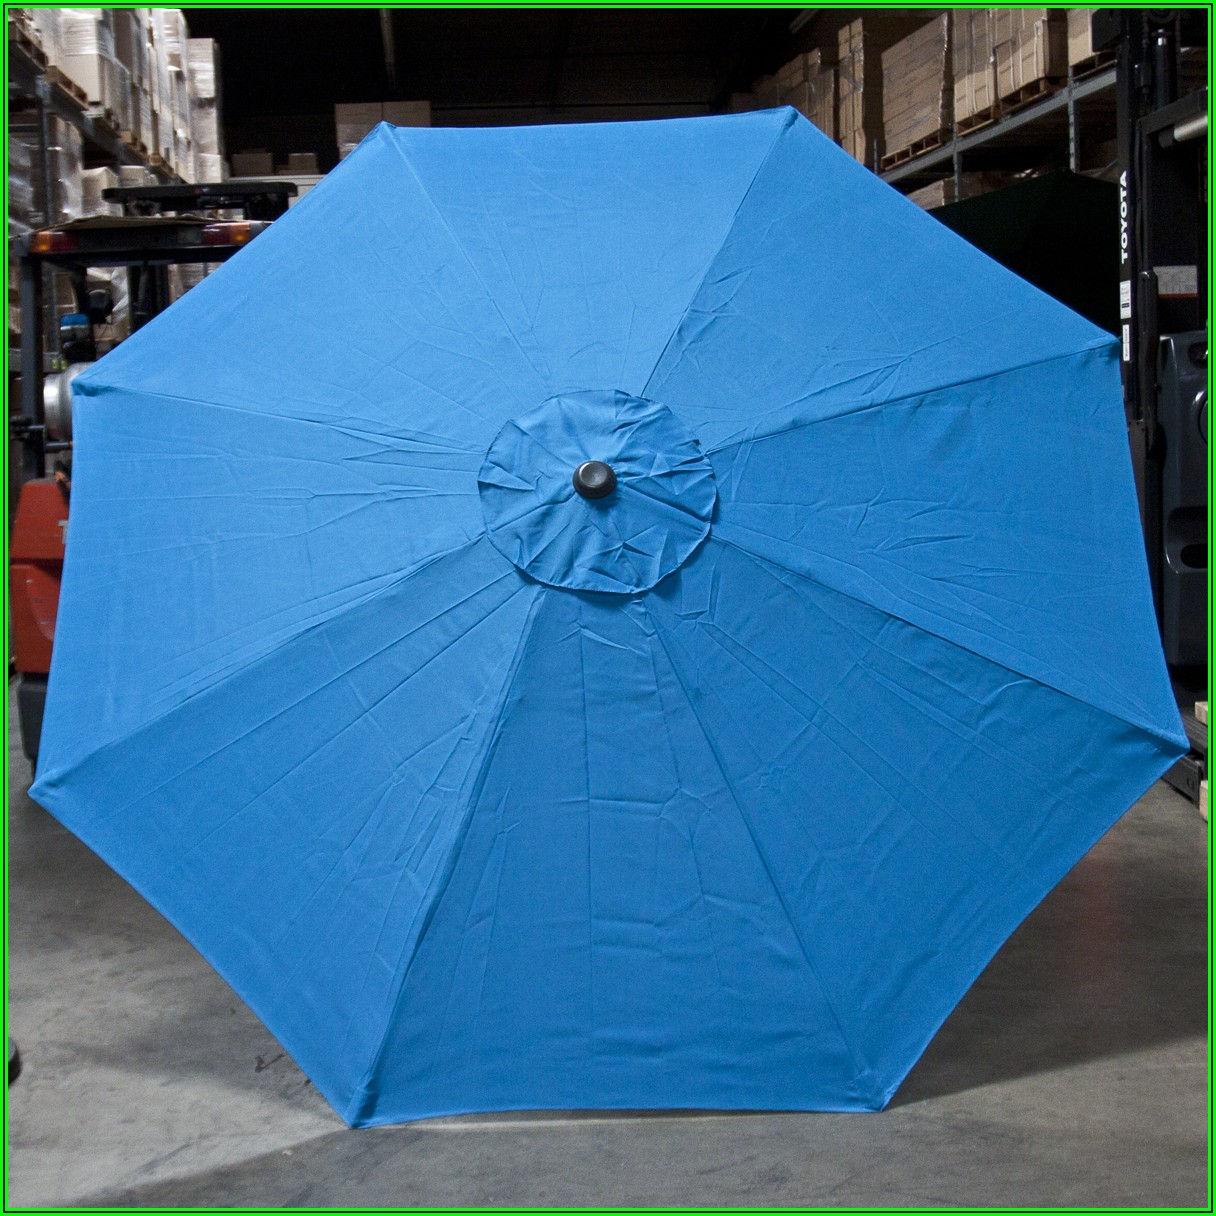 9 Patio Umbrella Replacement Cover